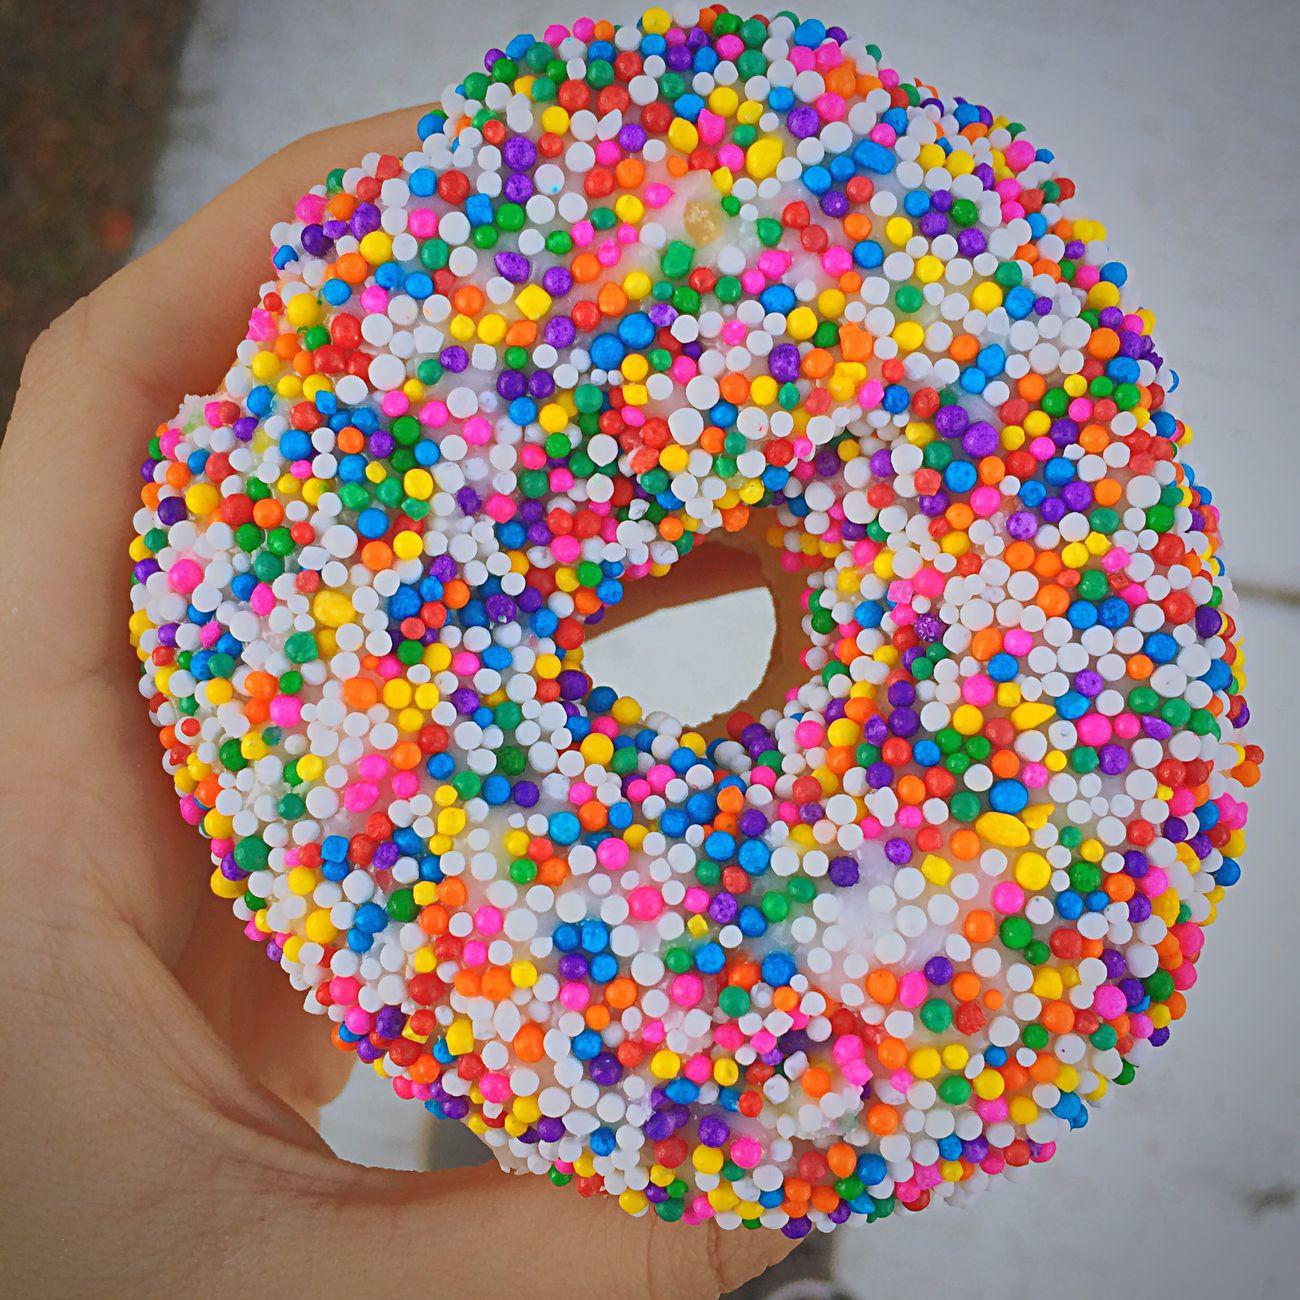 Doughnut Timhortons